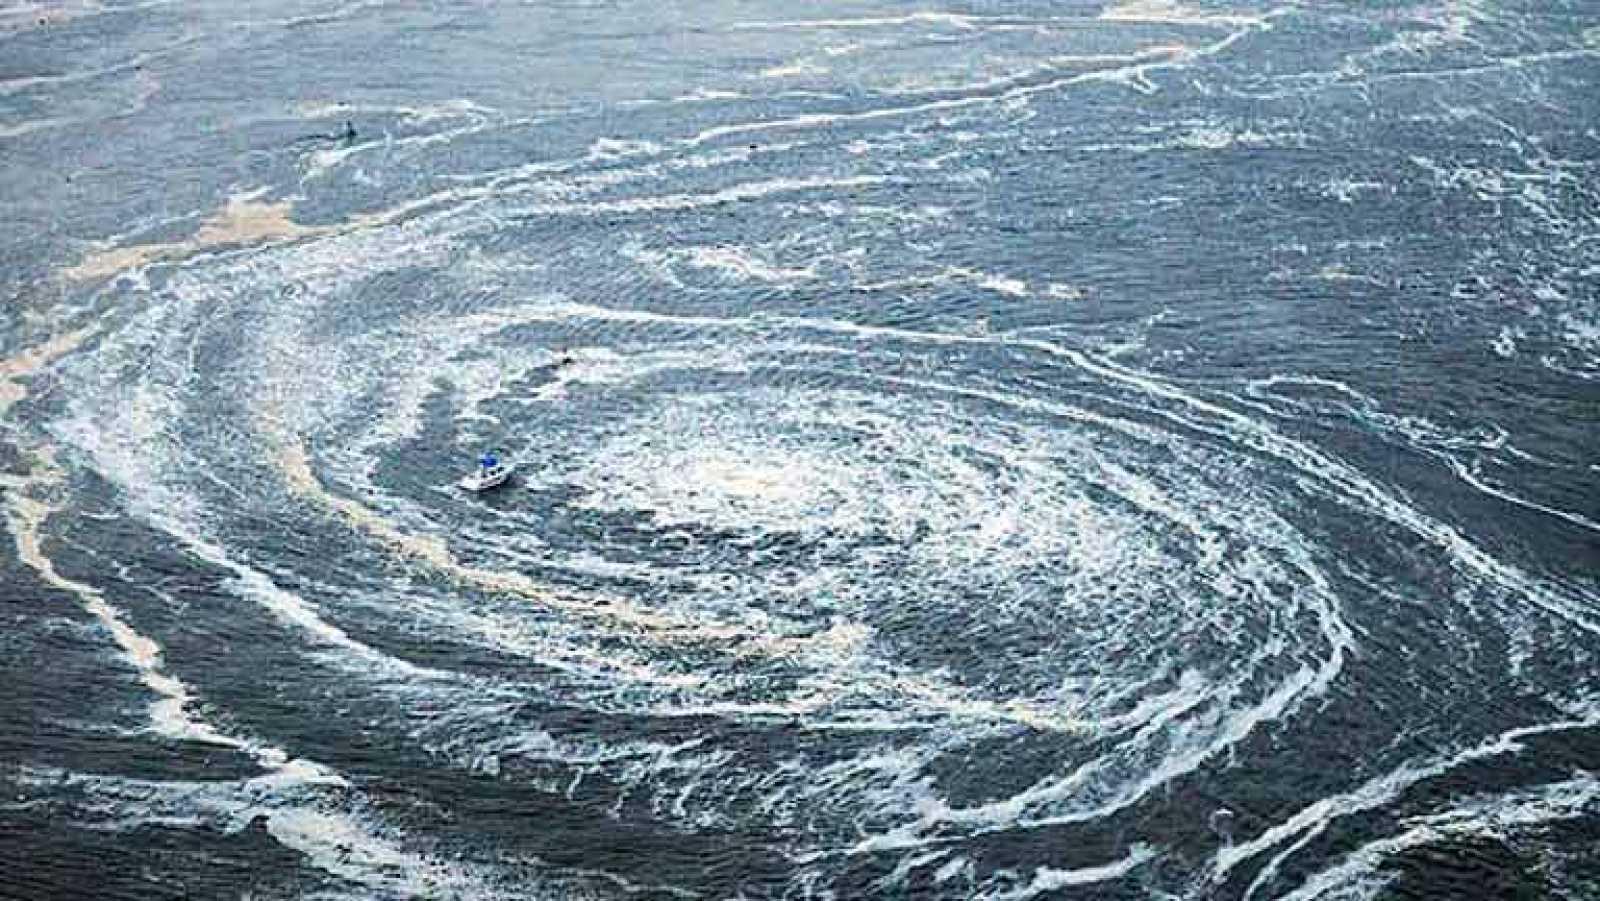 Las fuertes tormentas podrían provocar terremotos en el mar